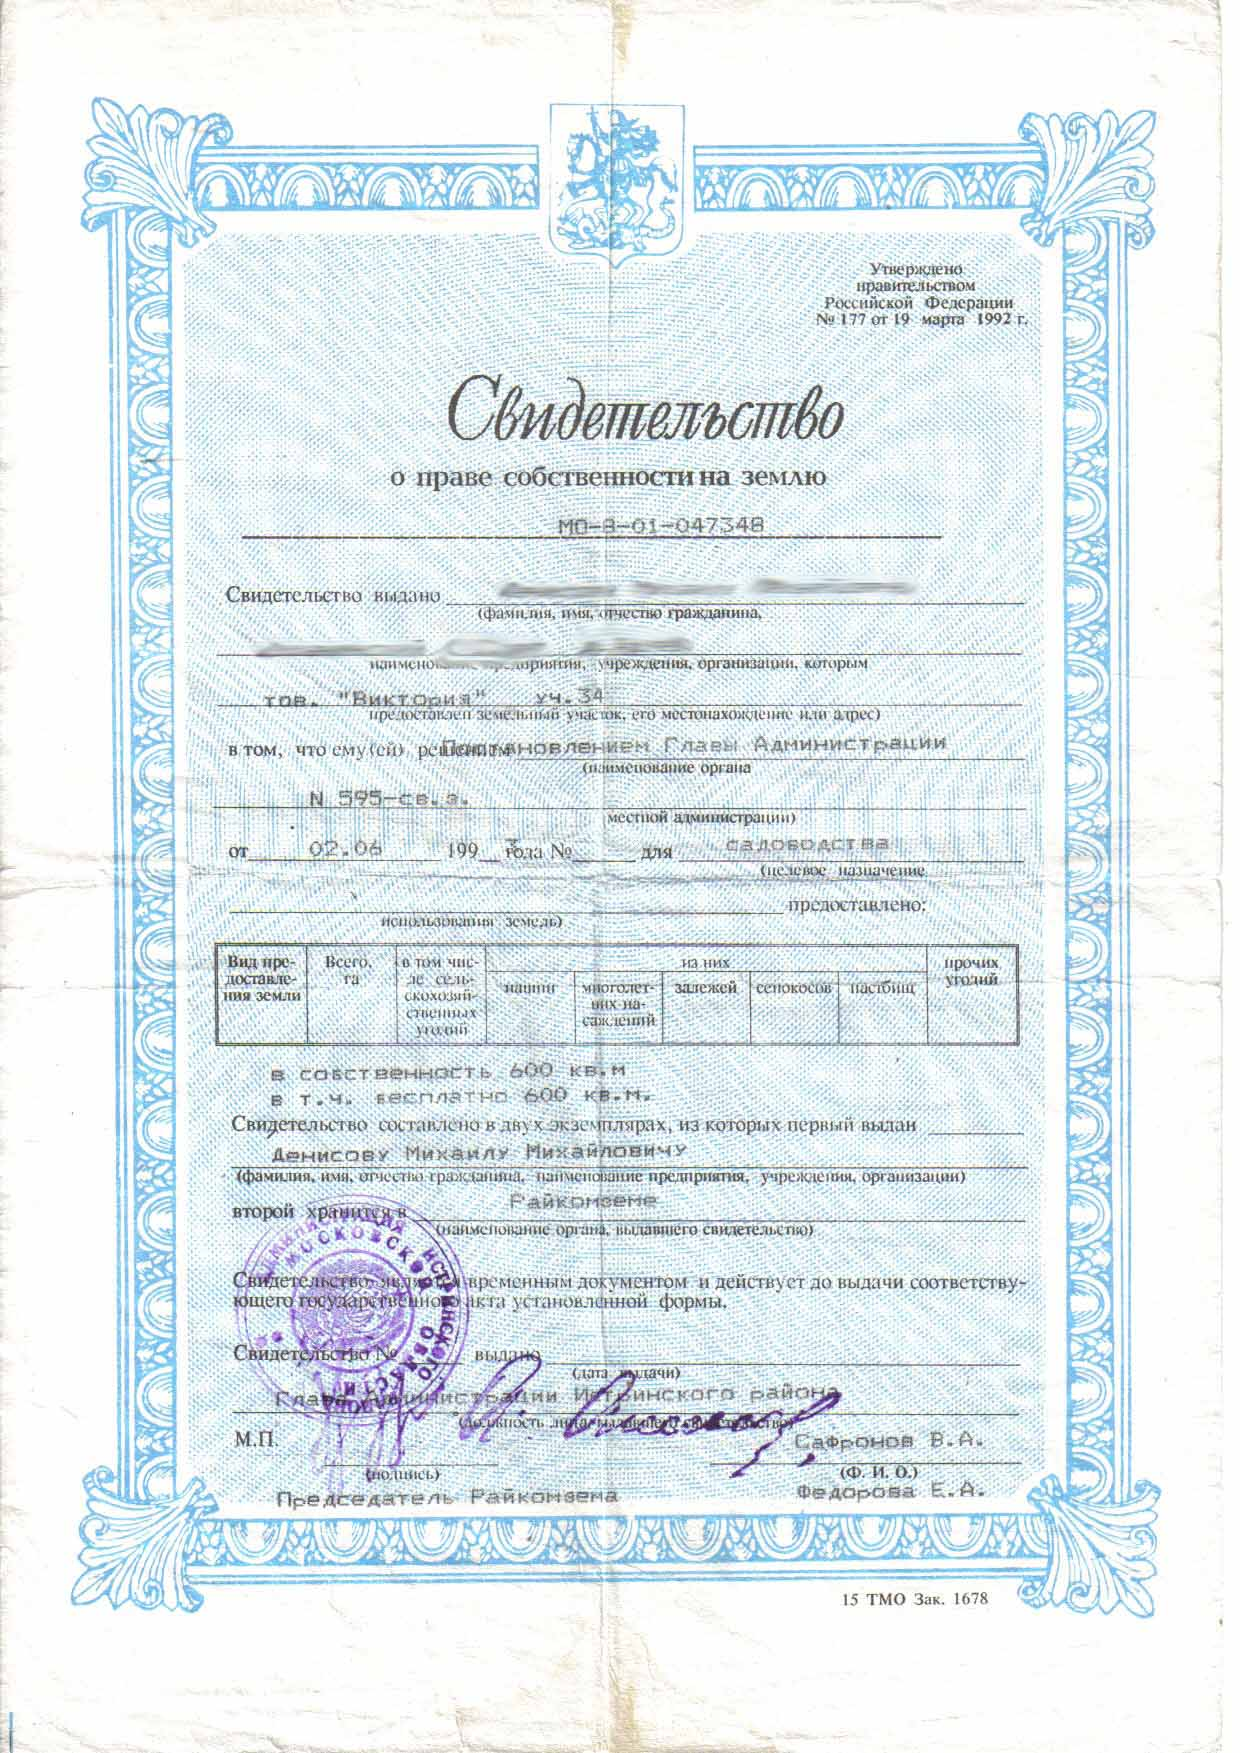 оформление документов на право собственности на дачный участок ней